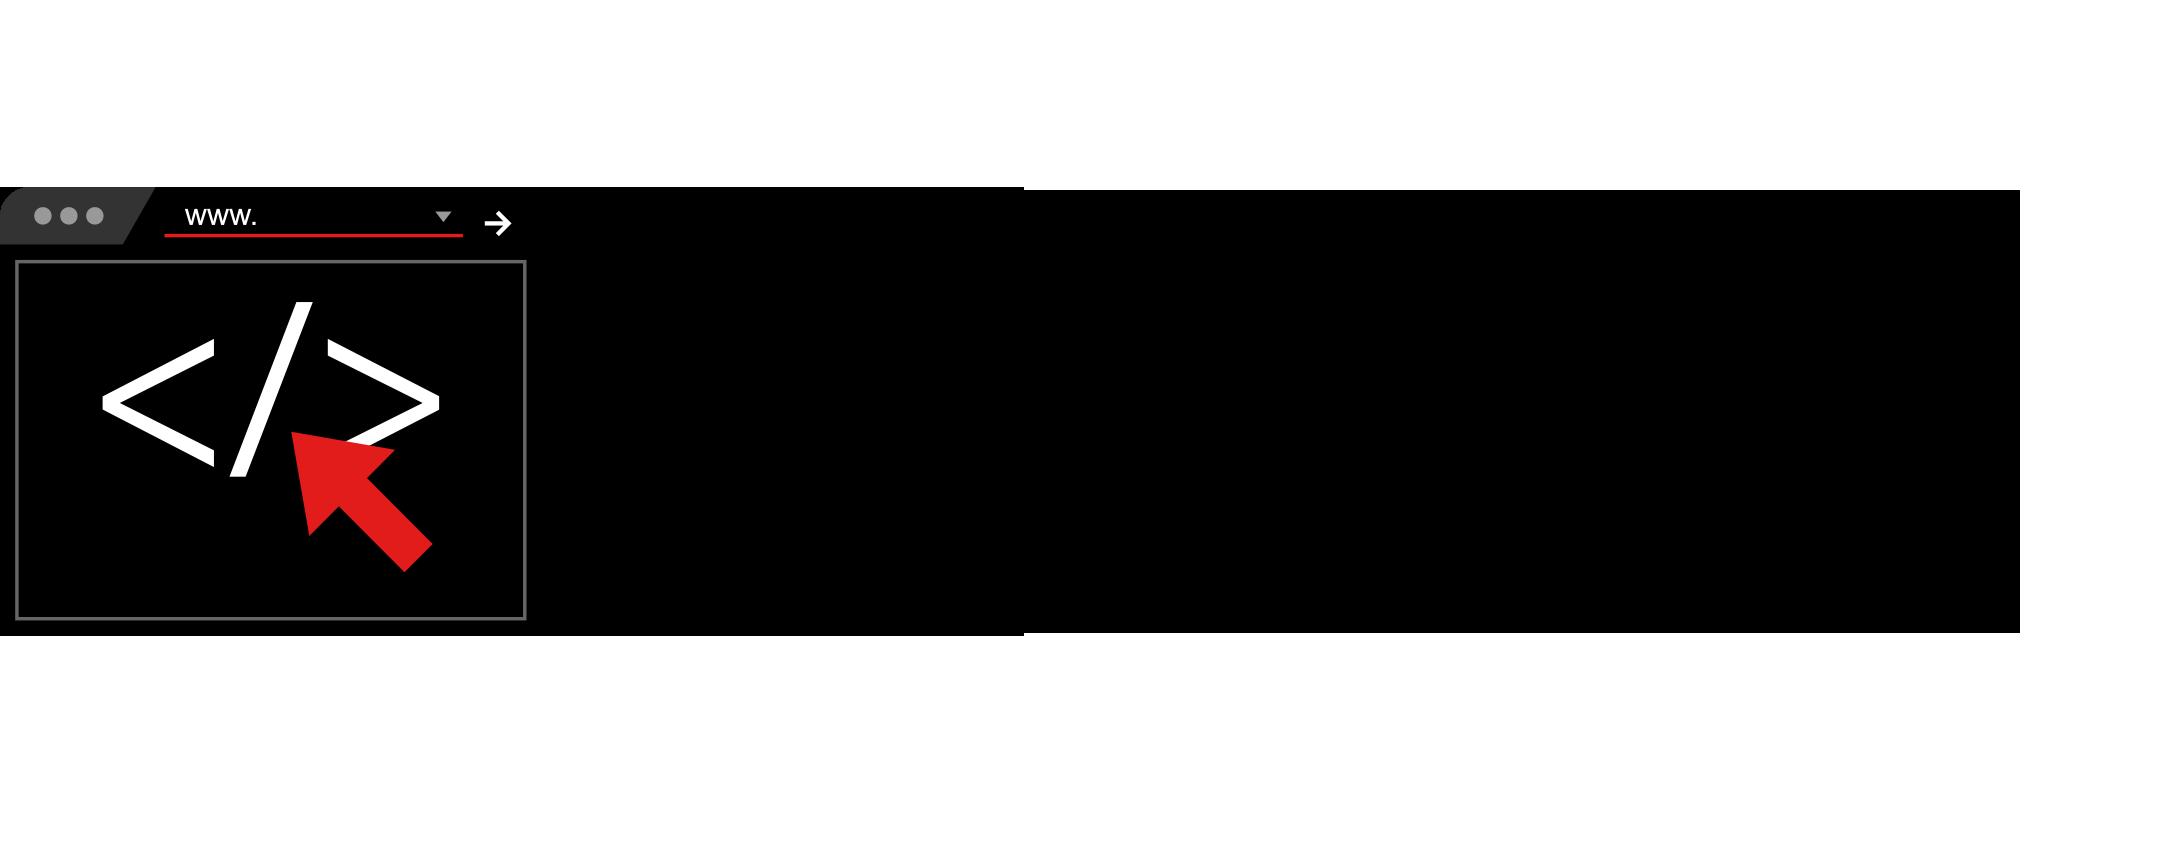 DarkNova